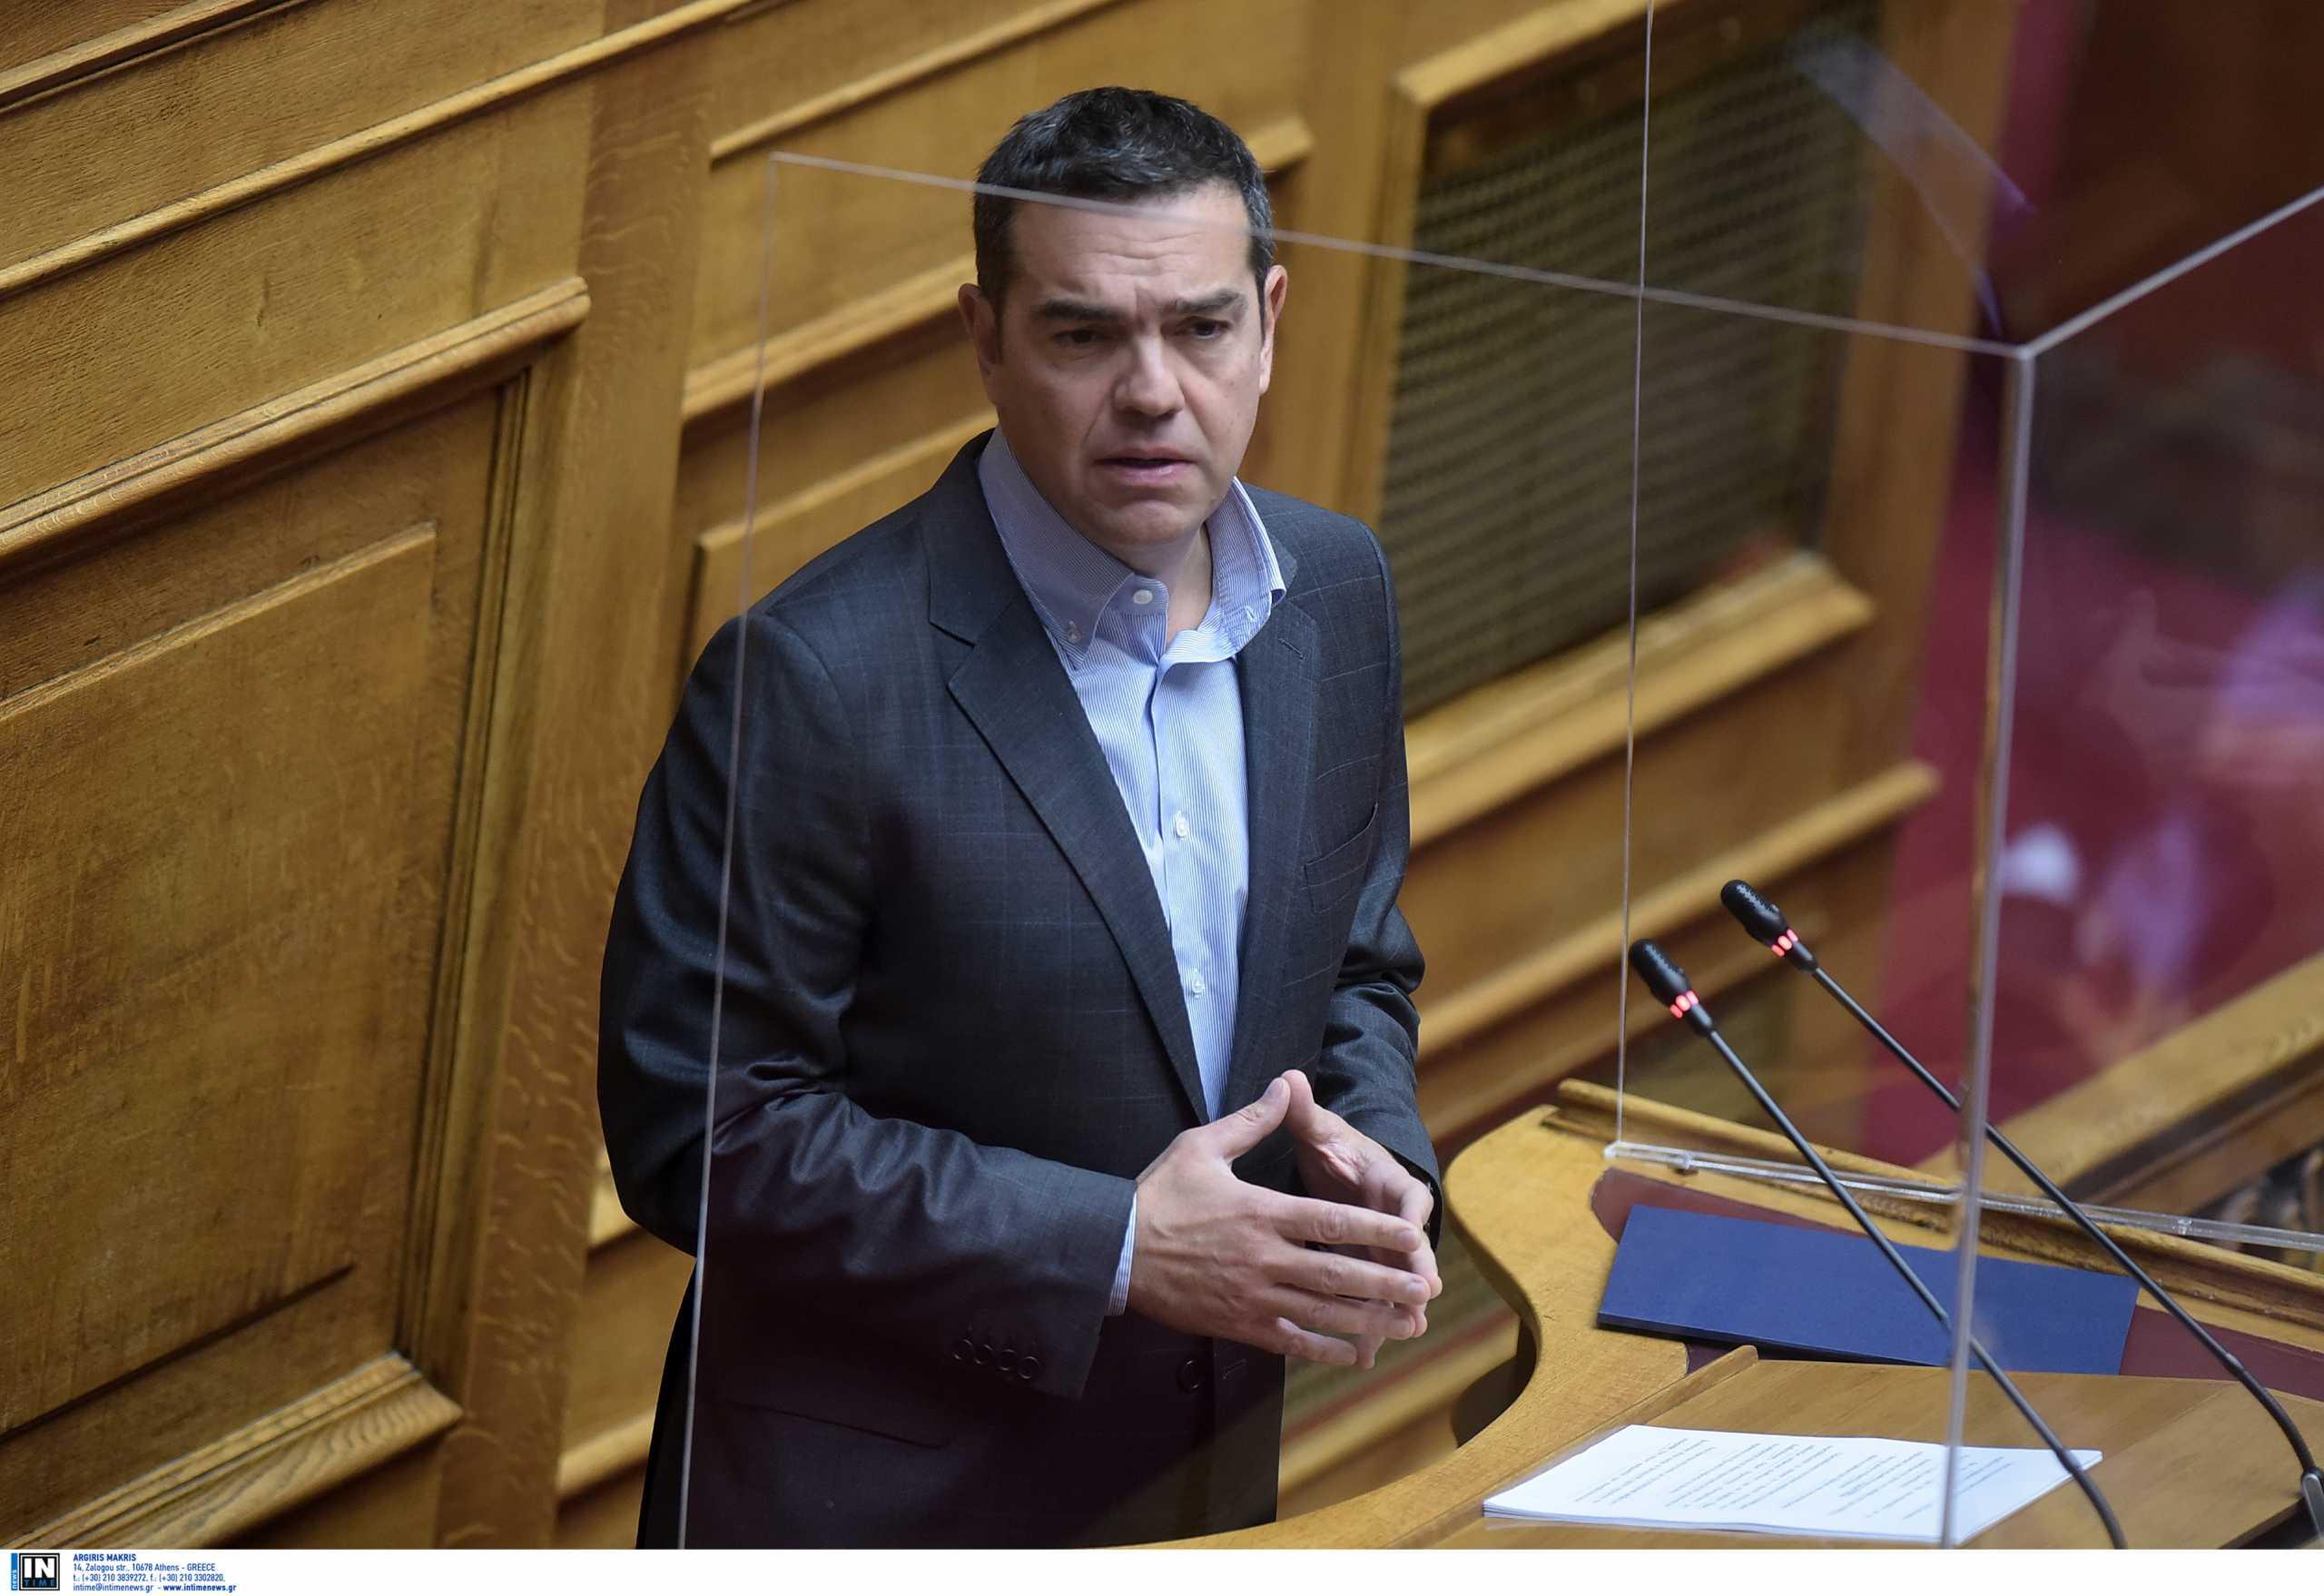 Αλέξης Τσίπρας: Η τακτική που θα ακολουθήσει στην συζήτηση για τον Λιγνάδη στην Βουλή